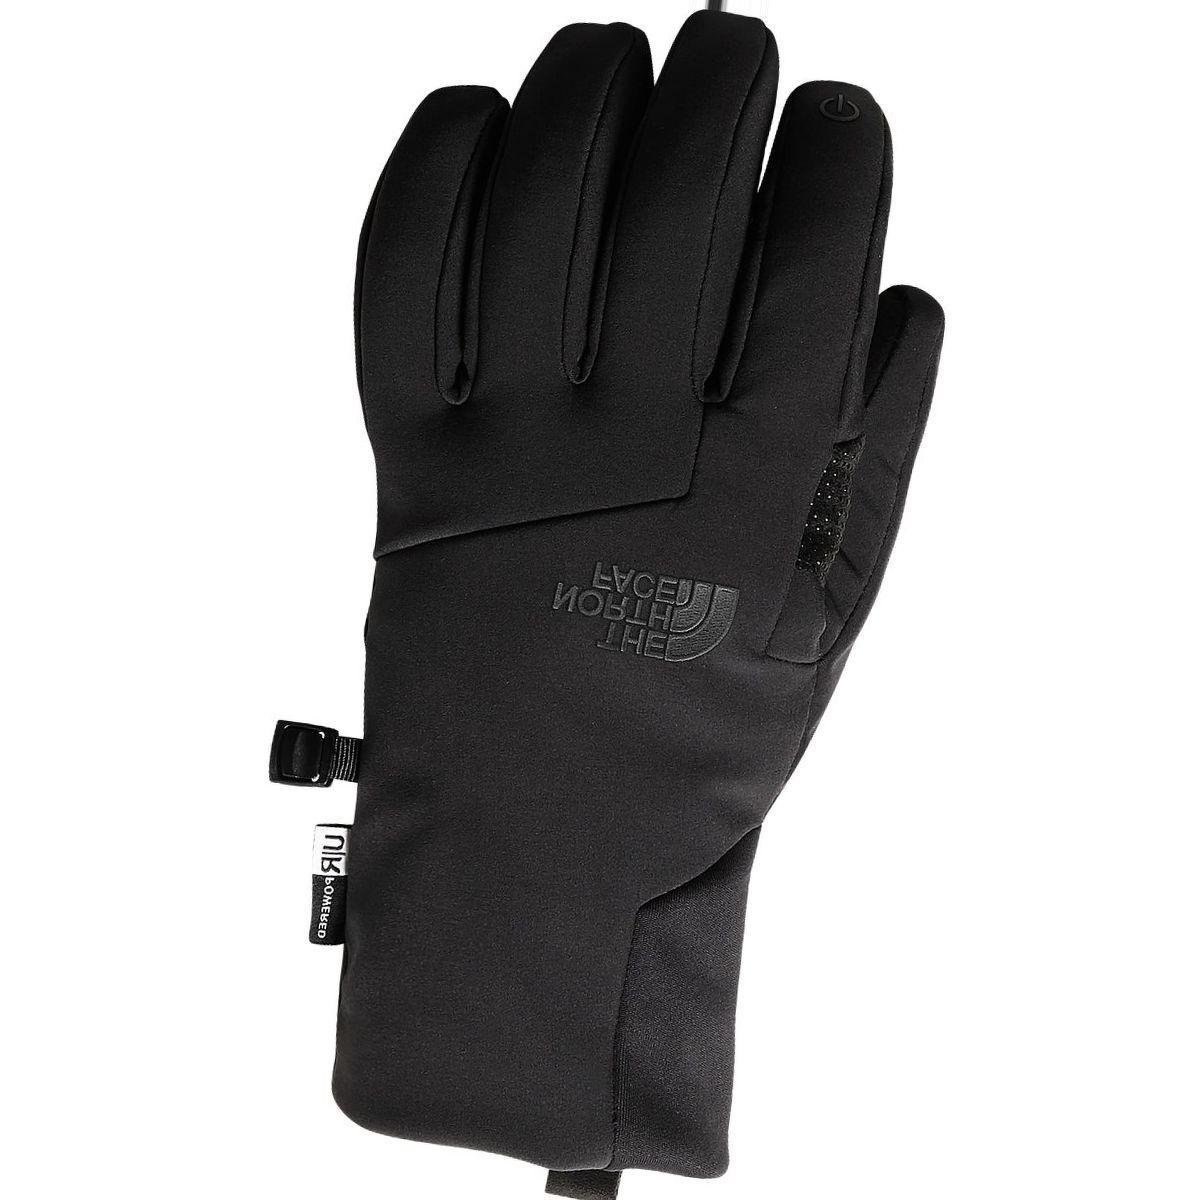 The North Face Apex Plus Etip Glove - Women's